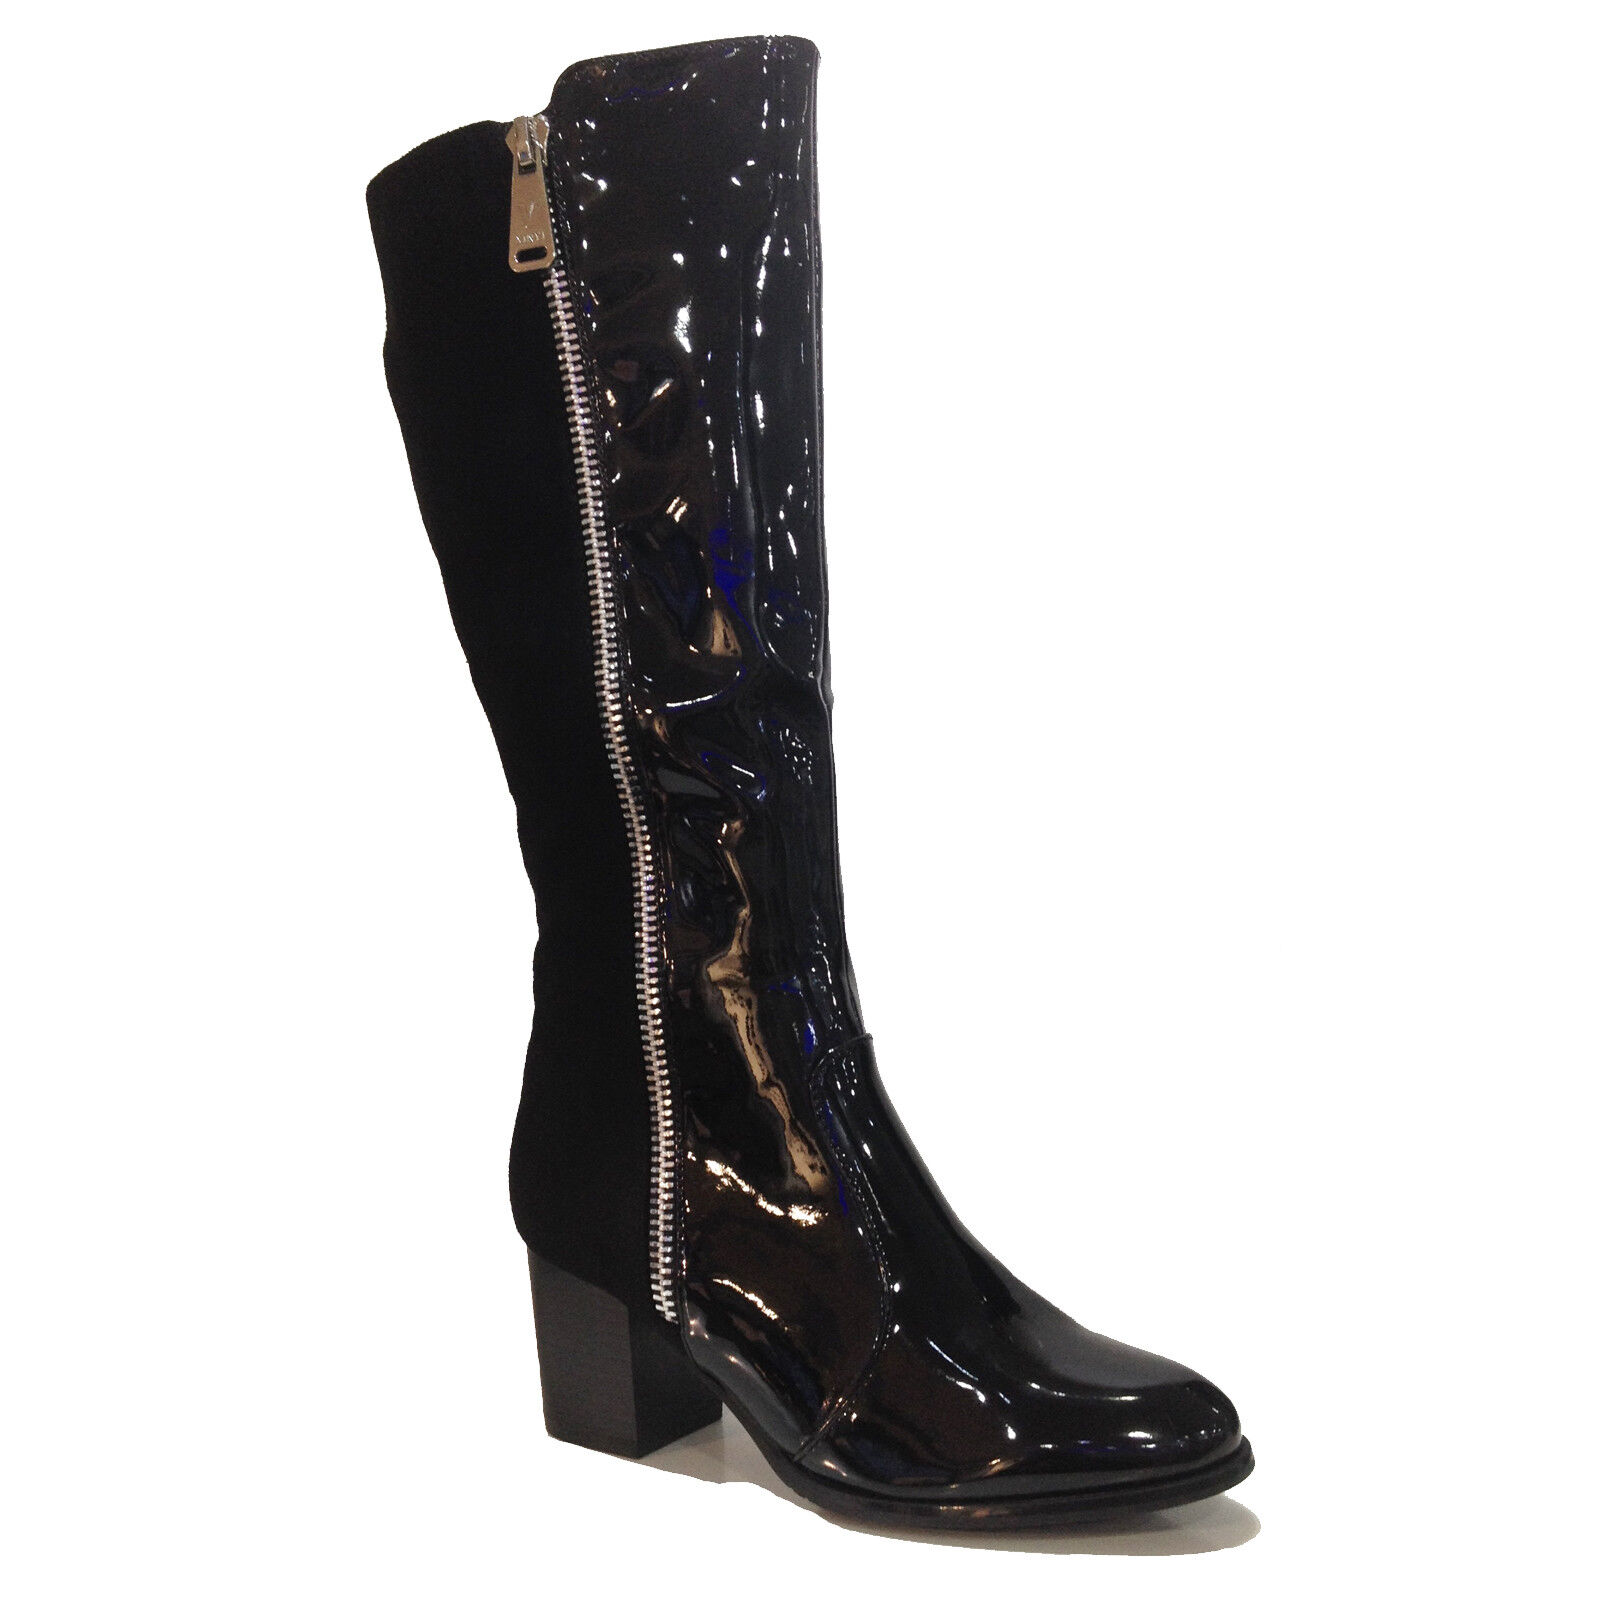 ☼ELEN☼ Bottes à talons - Style shoes - Ref  0941